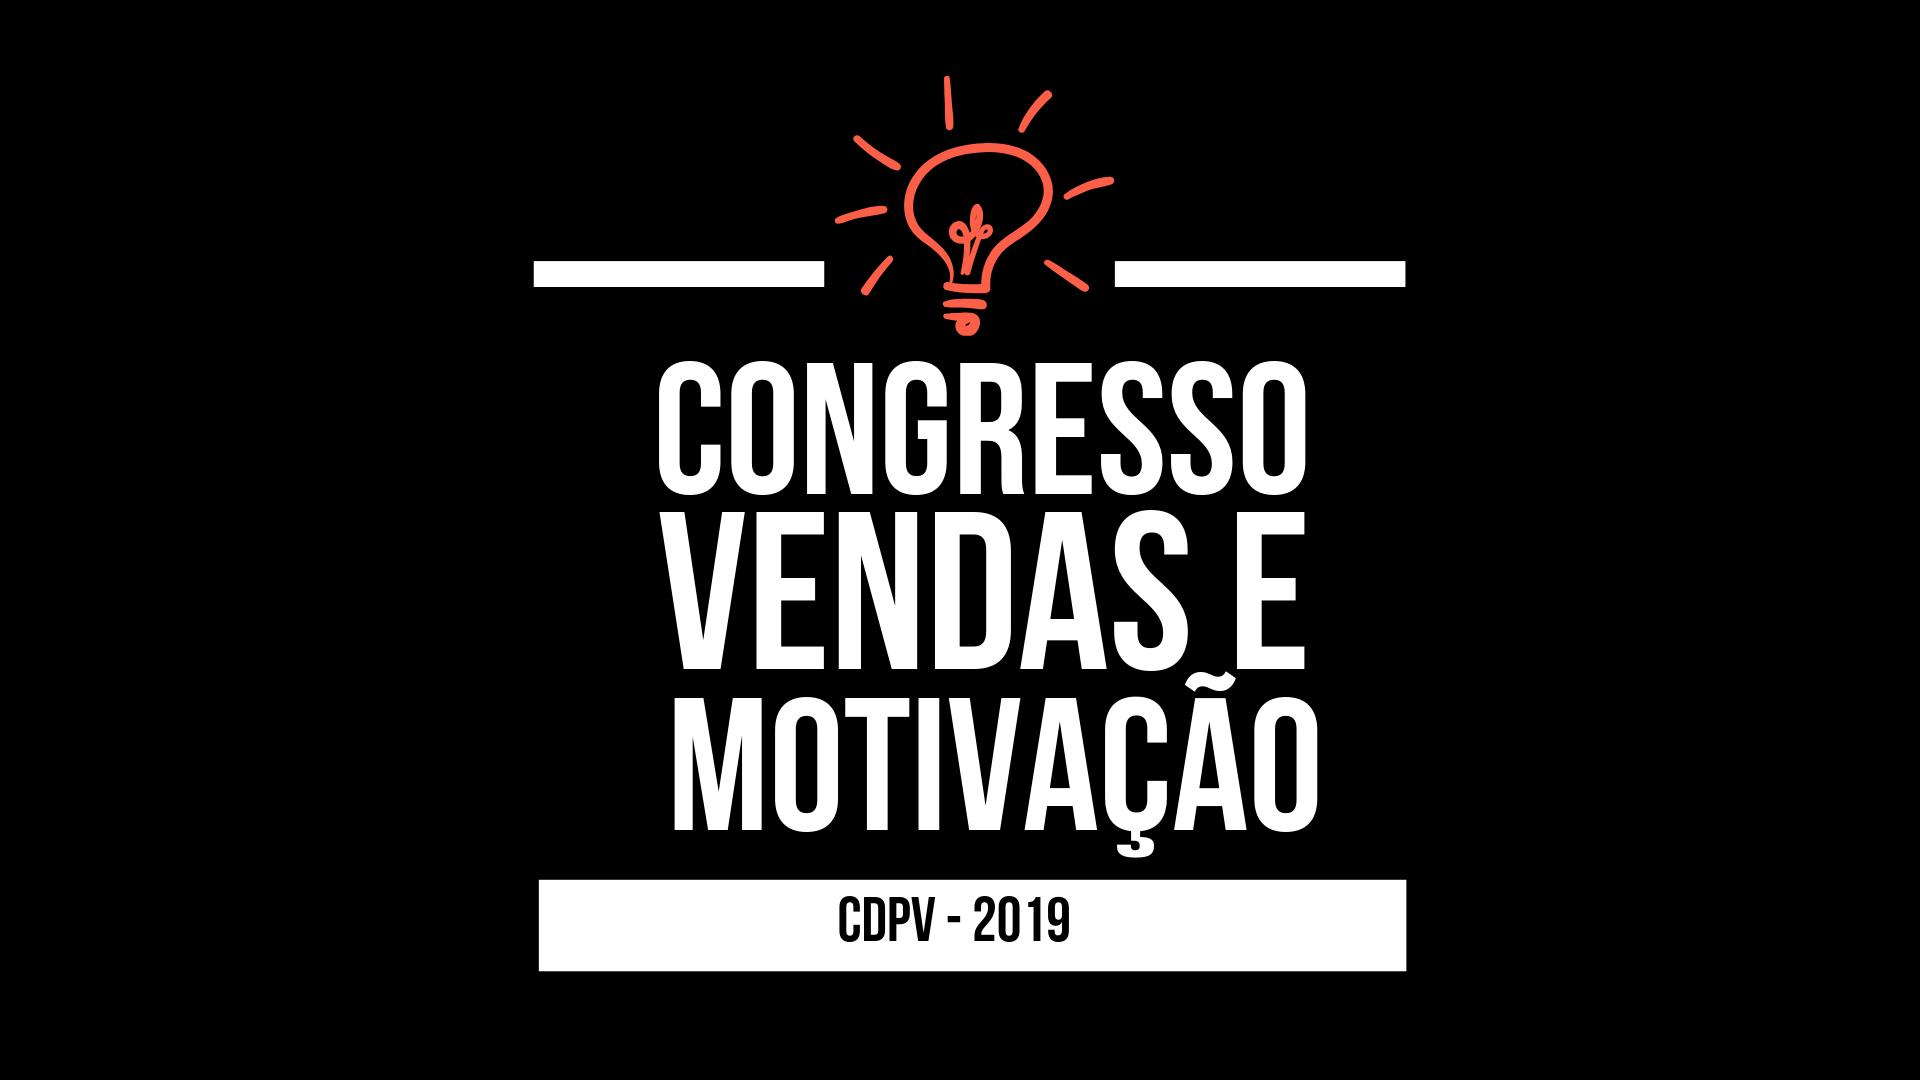 Congresso De Vendas E Motivação Cdpv 2019